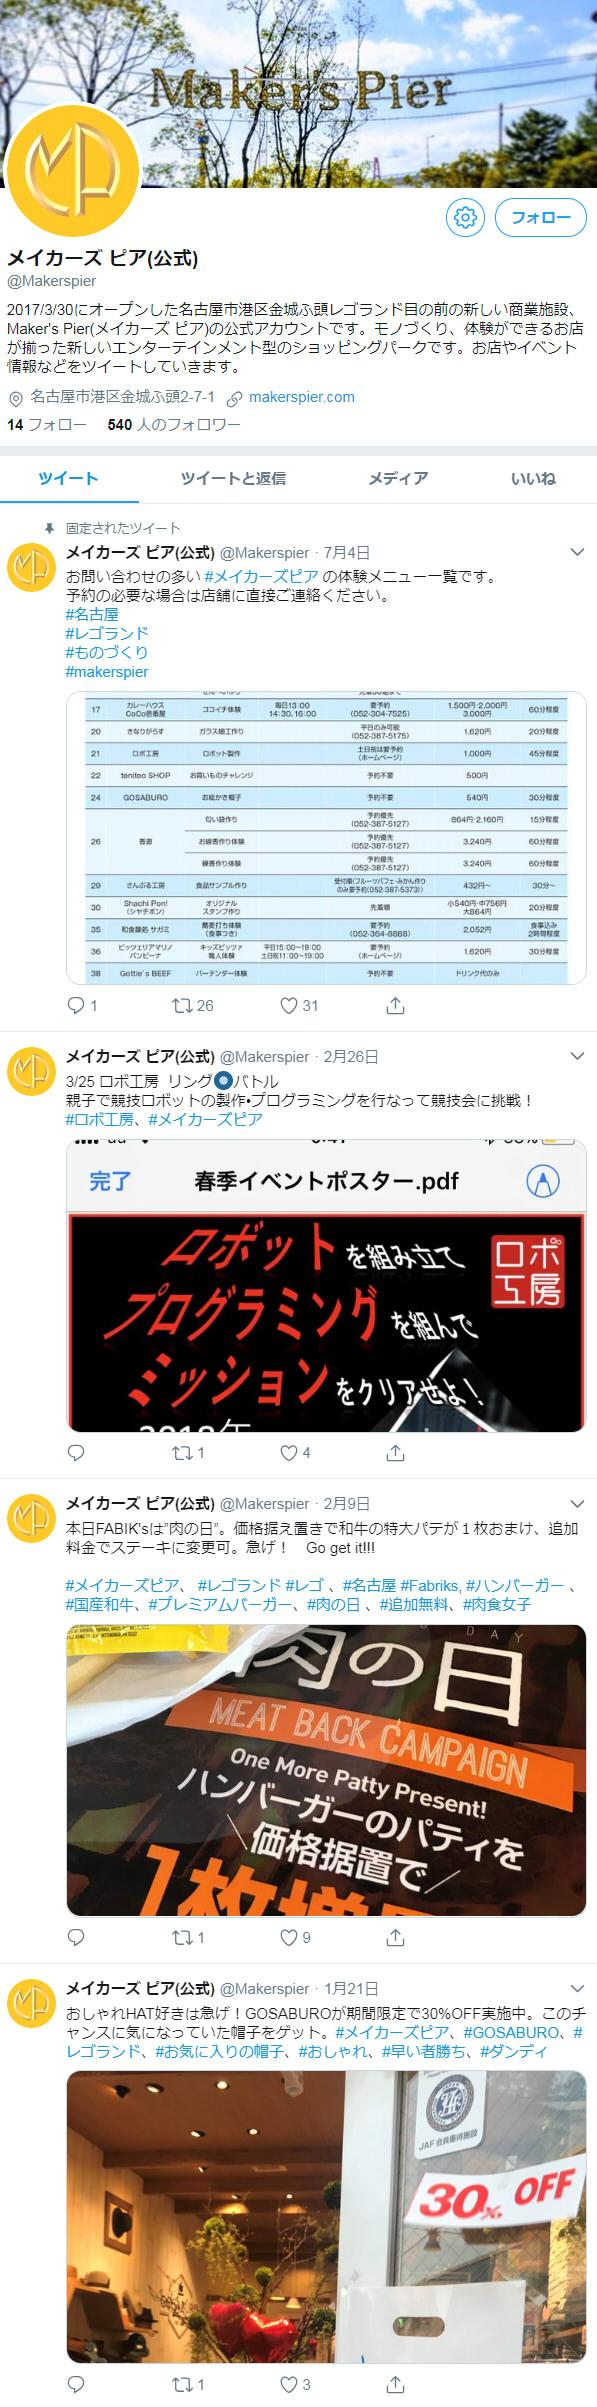 screencapture-mobile-twitter-makerspier-2018-05-10-22_15_34